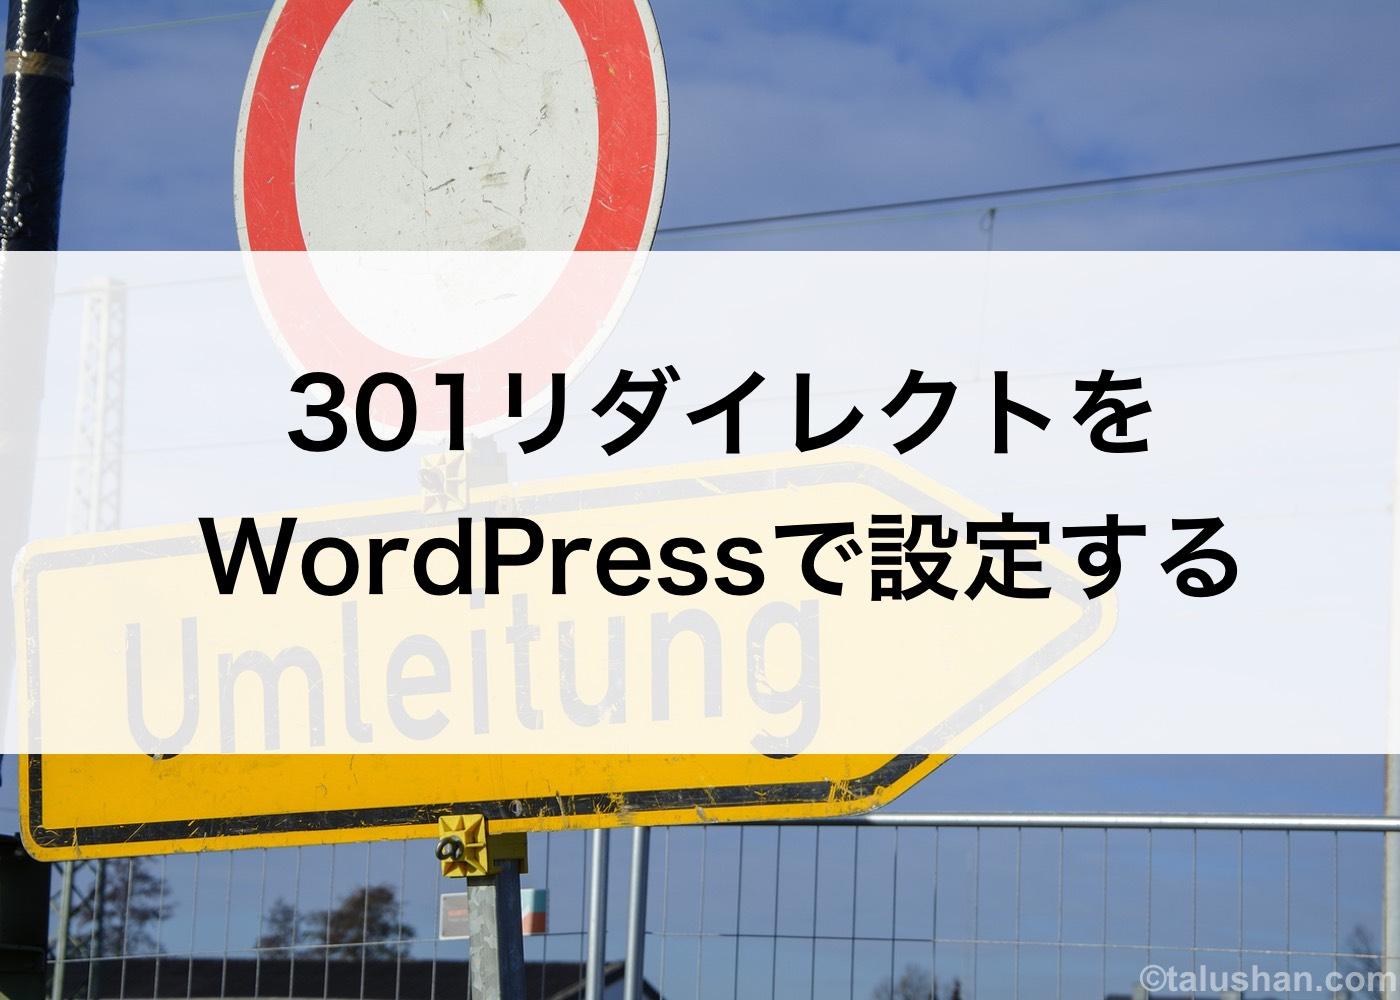 301リダイレクトをWordPressで設定する